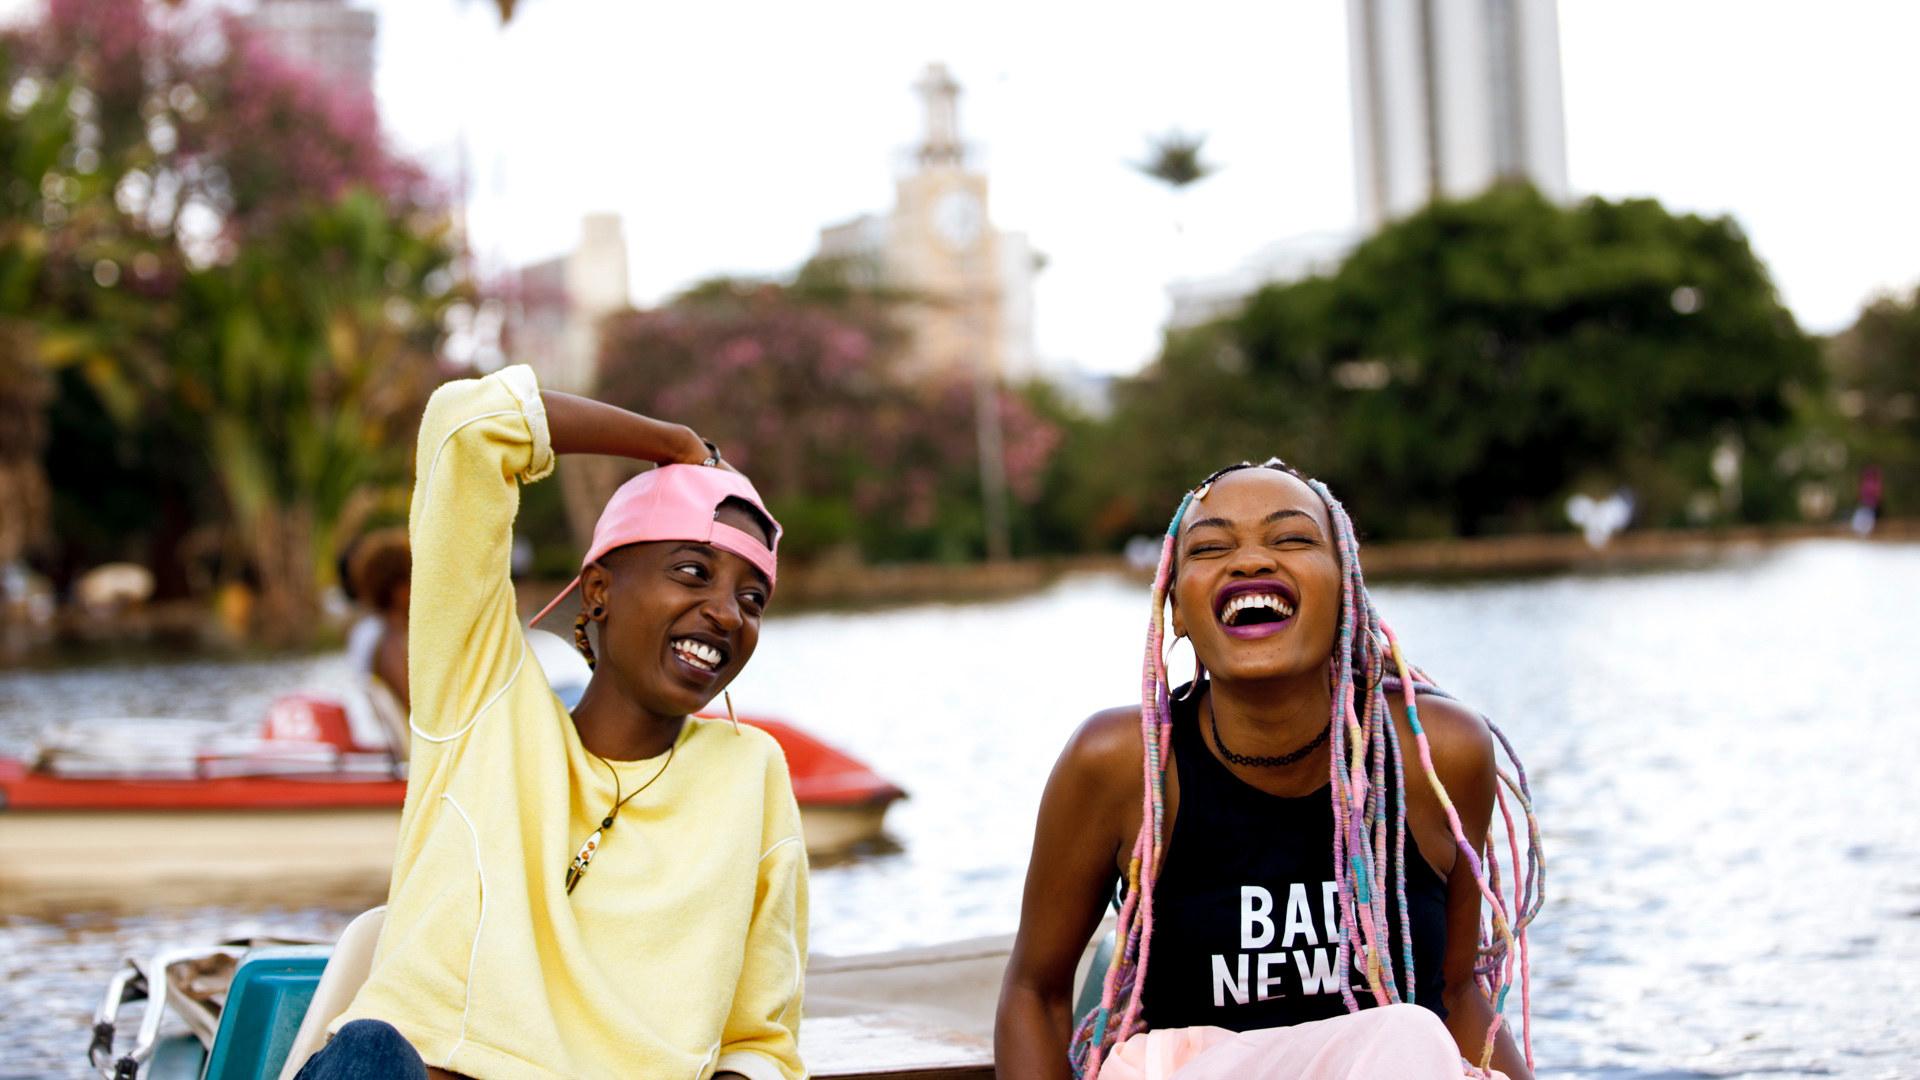 Kena and Ziki laughing